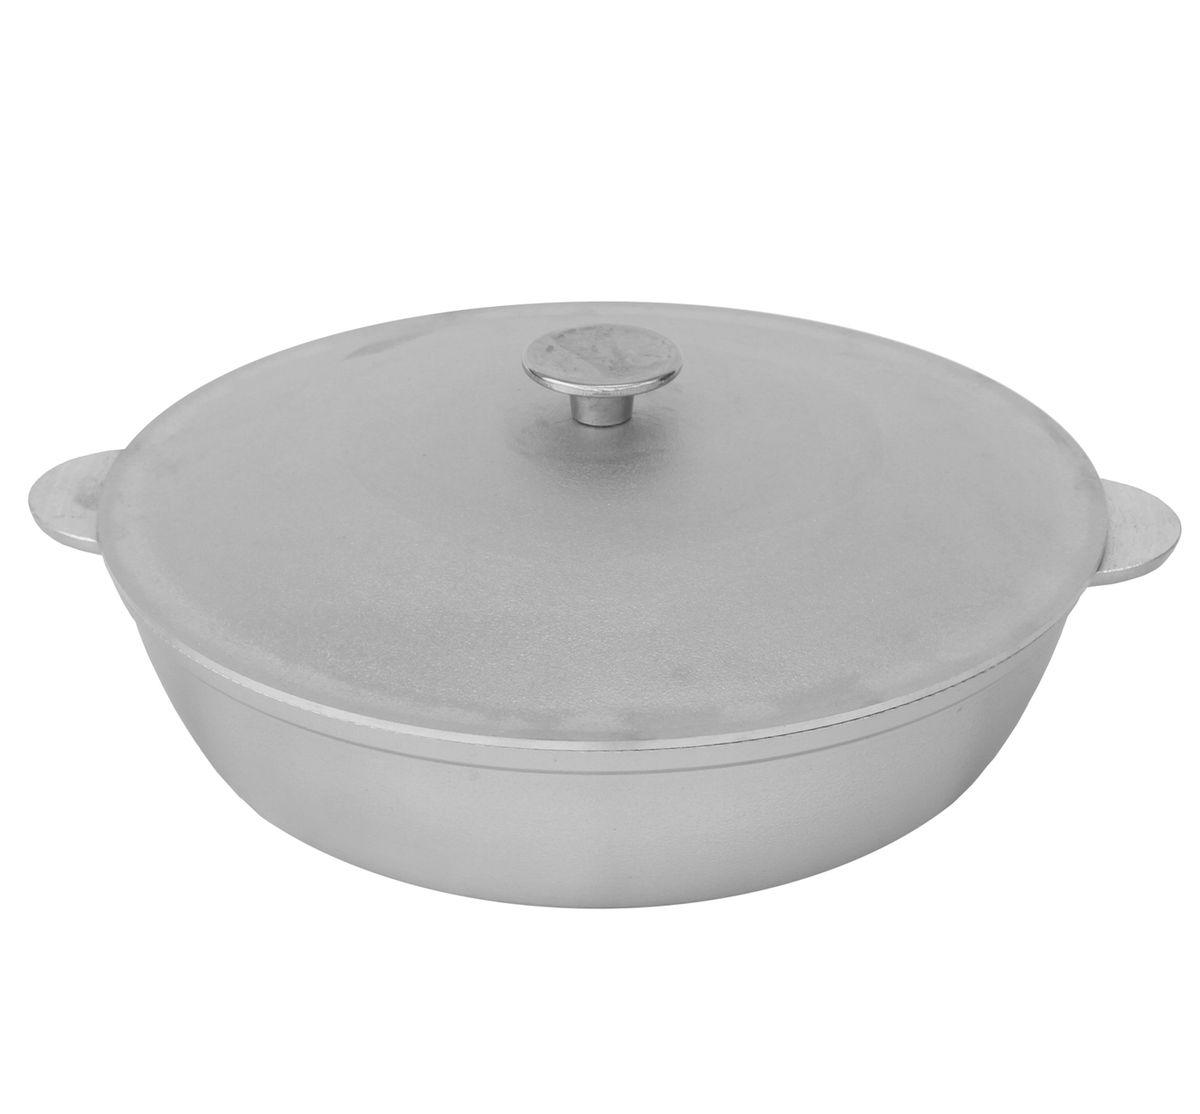 Сковорода БИОЛ с крышкой, с 2 ручками. Диаметр 36 смА363Сковорода БИОЛ, изготовленная из литого алюминиевого сплава, прекрасно подходит для приготовления повседневных блюд. Гладкая поверхность обеспечивает легкость ухода за посудой. Изделие оснащено крышкой и двумя ручками.Подходит для газовых и электрических плит.Диаметр сковороды (по верхнему краю): 36 см.Высота стенки: 9 см.Ширина сковороды (с учетом ручек): 42 см.Диаметр дна: 27 см.